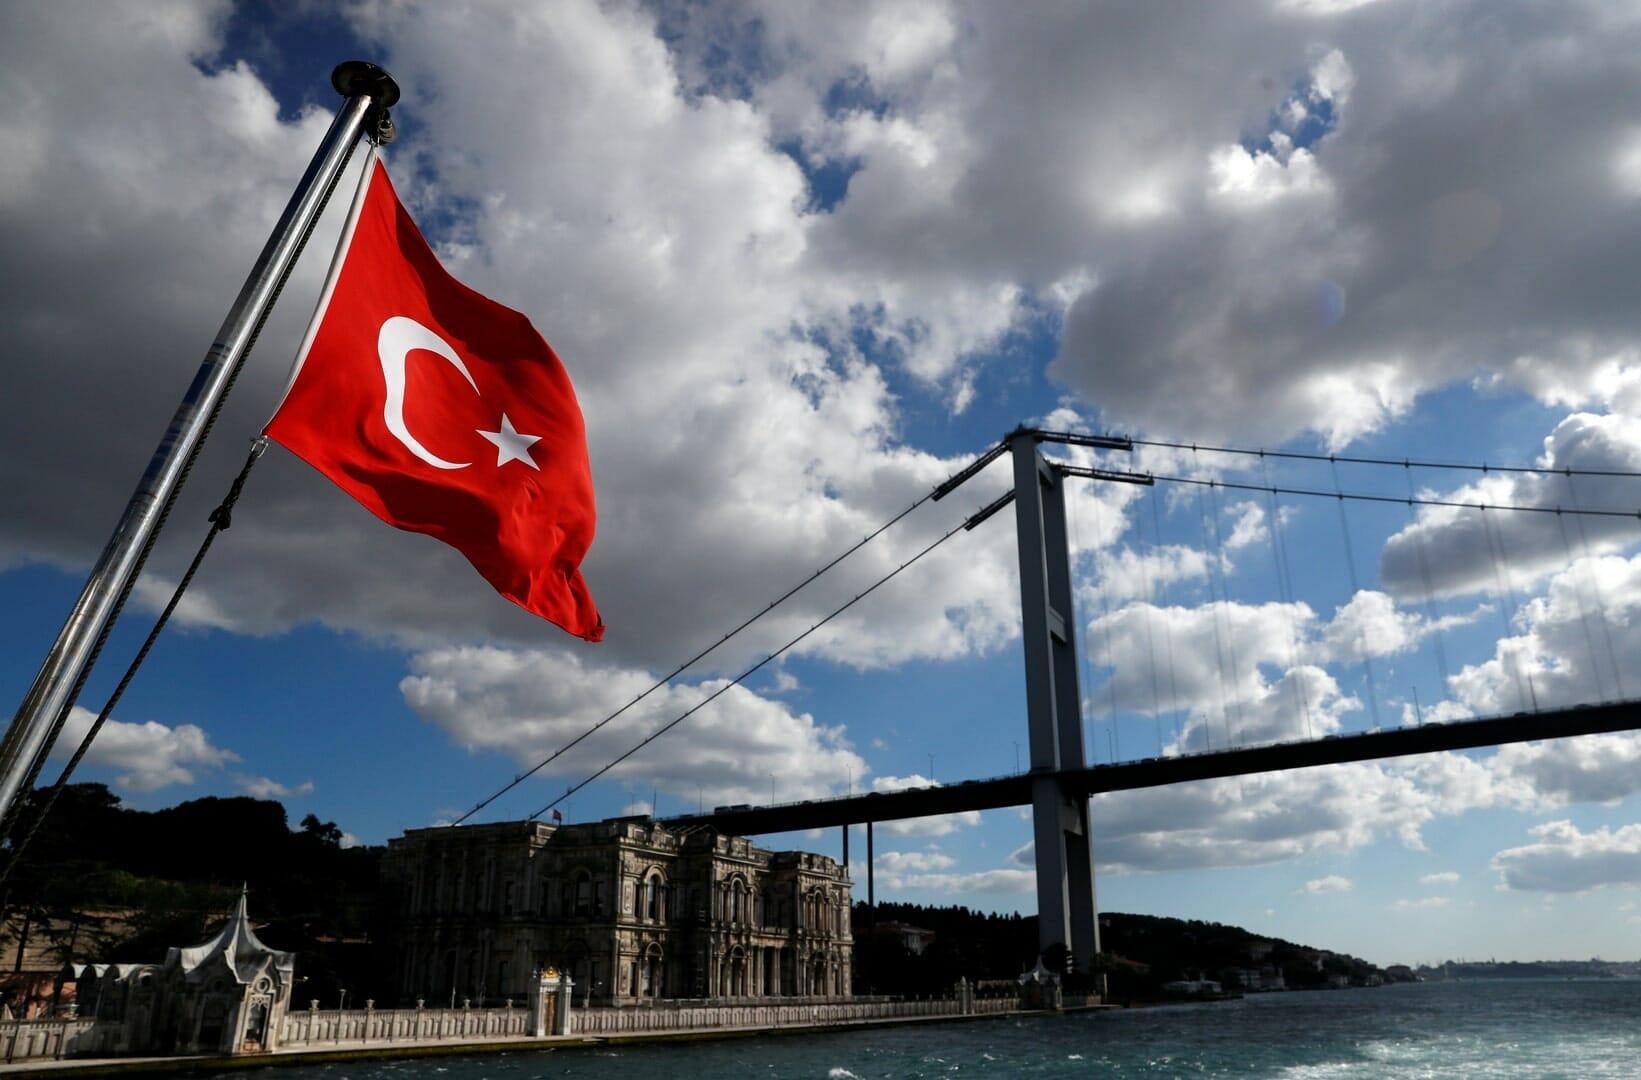 إغلاق السعودية للمدارس التركية يدفع أنقرة لإصدار بيان عاجل يوضح الحقيقة